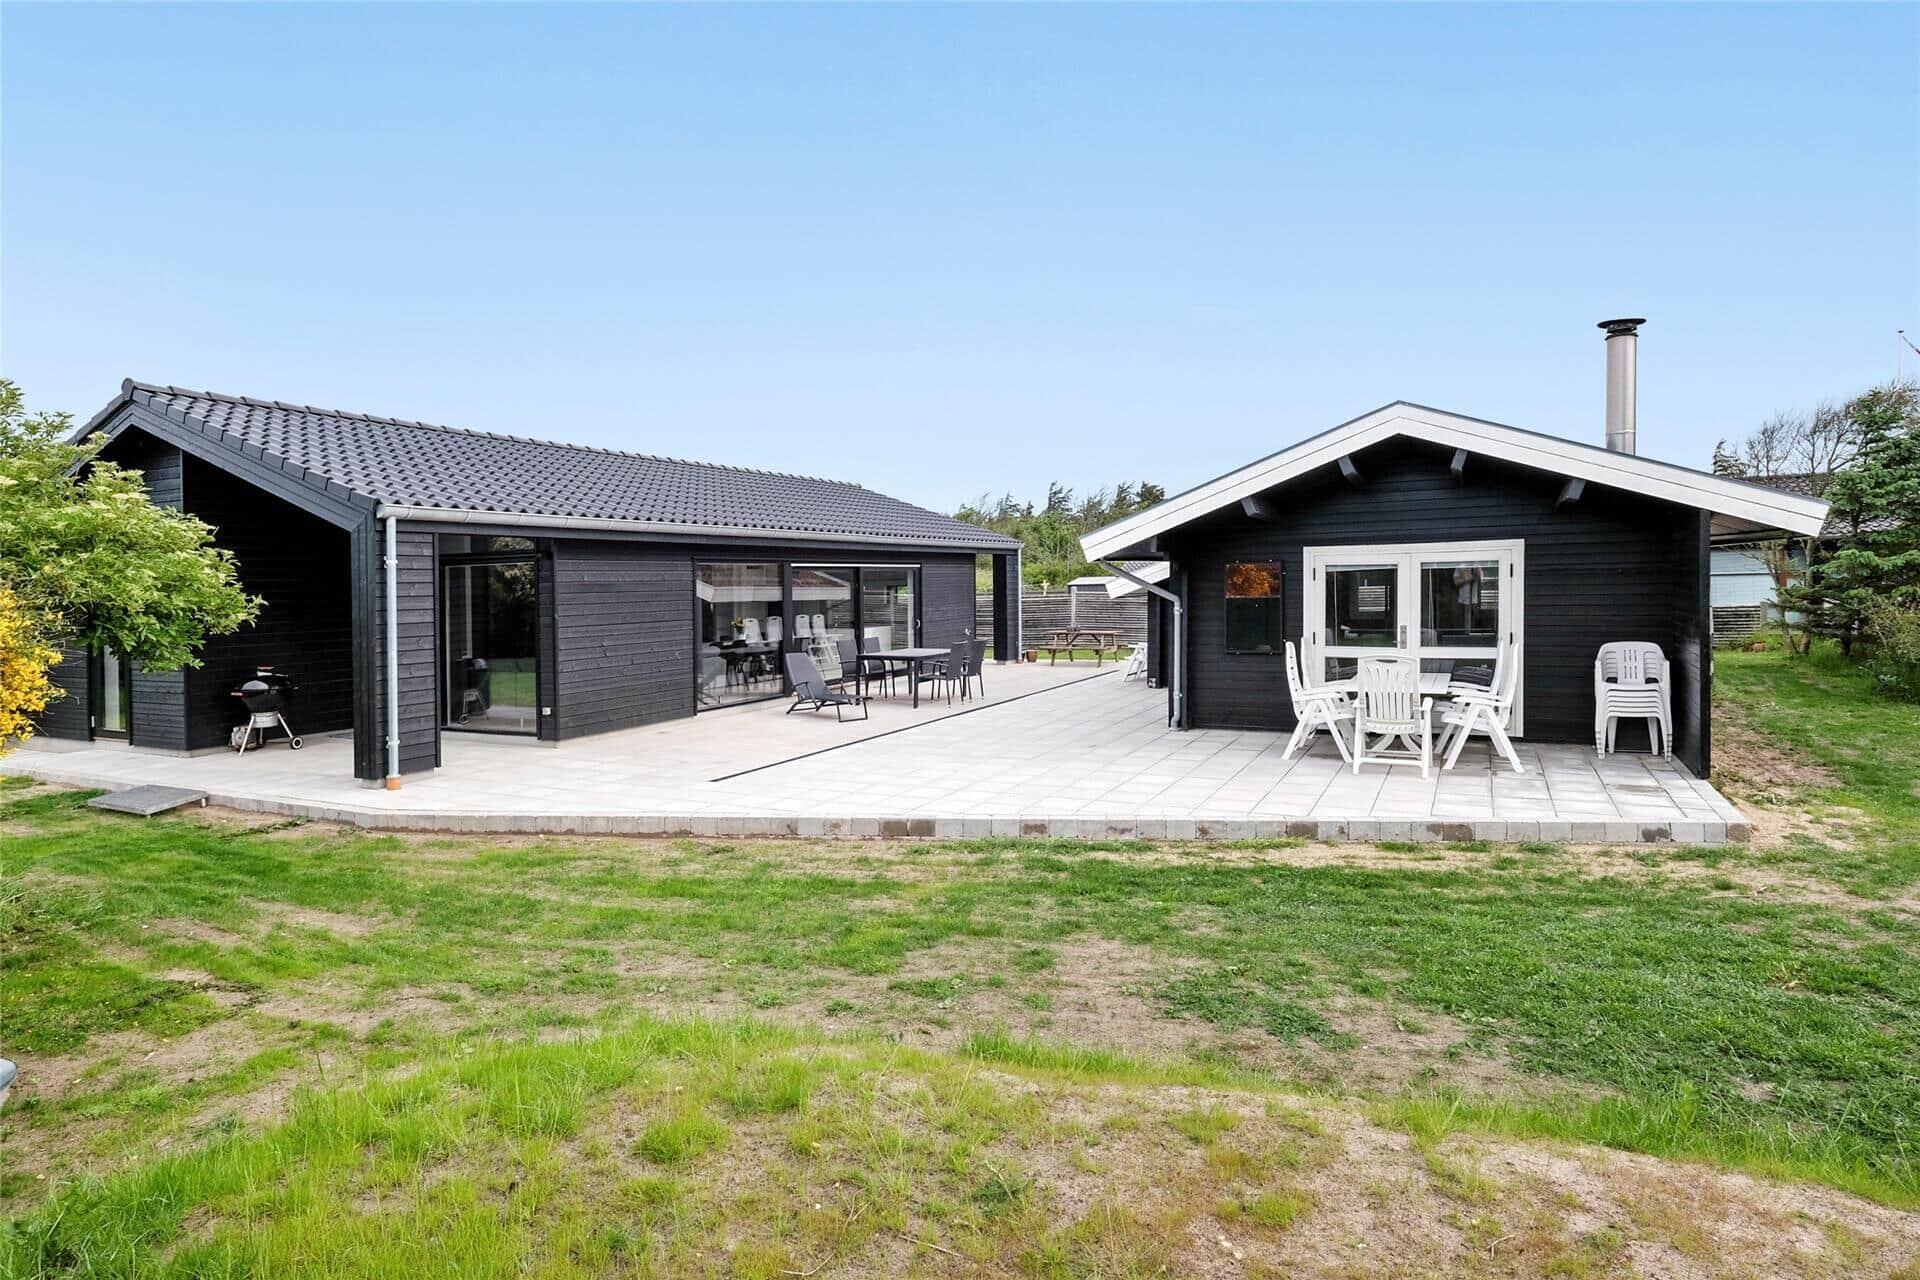 Image 1-176 Holiday-home BL1651, Pirupshvarrevej 21, DK - 9492 Blokhus